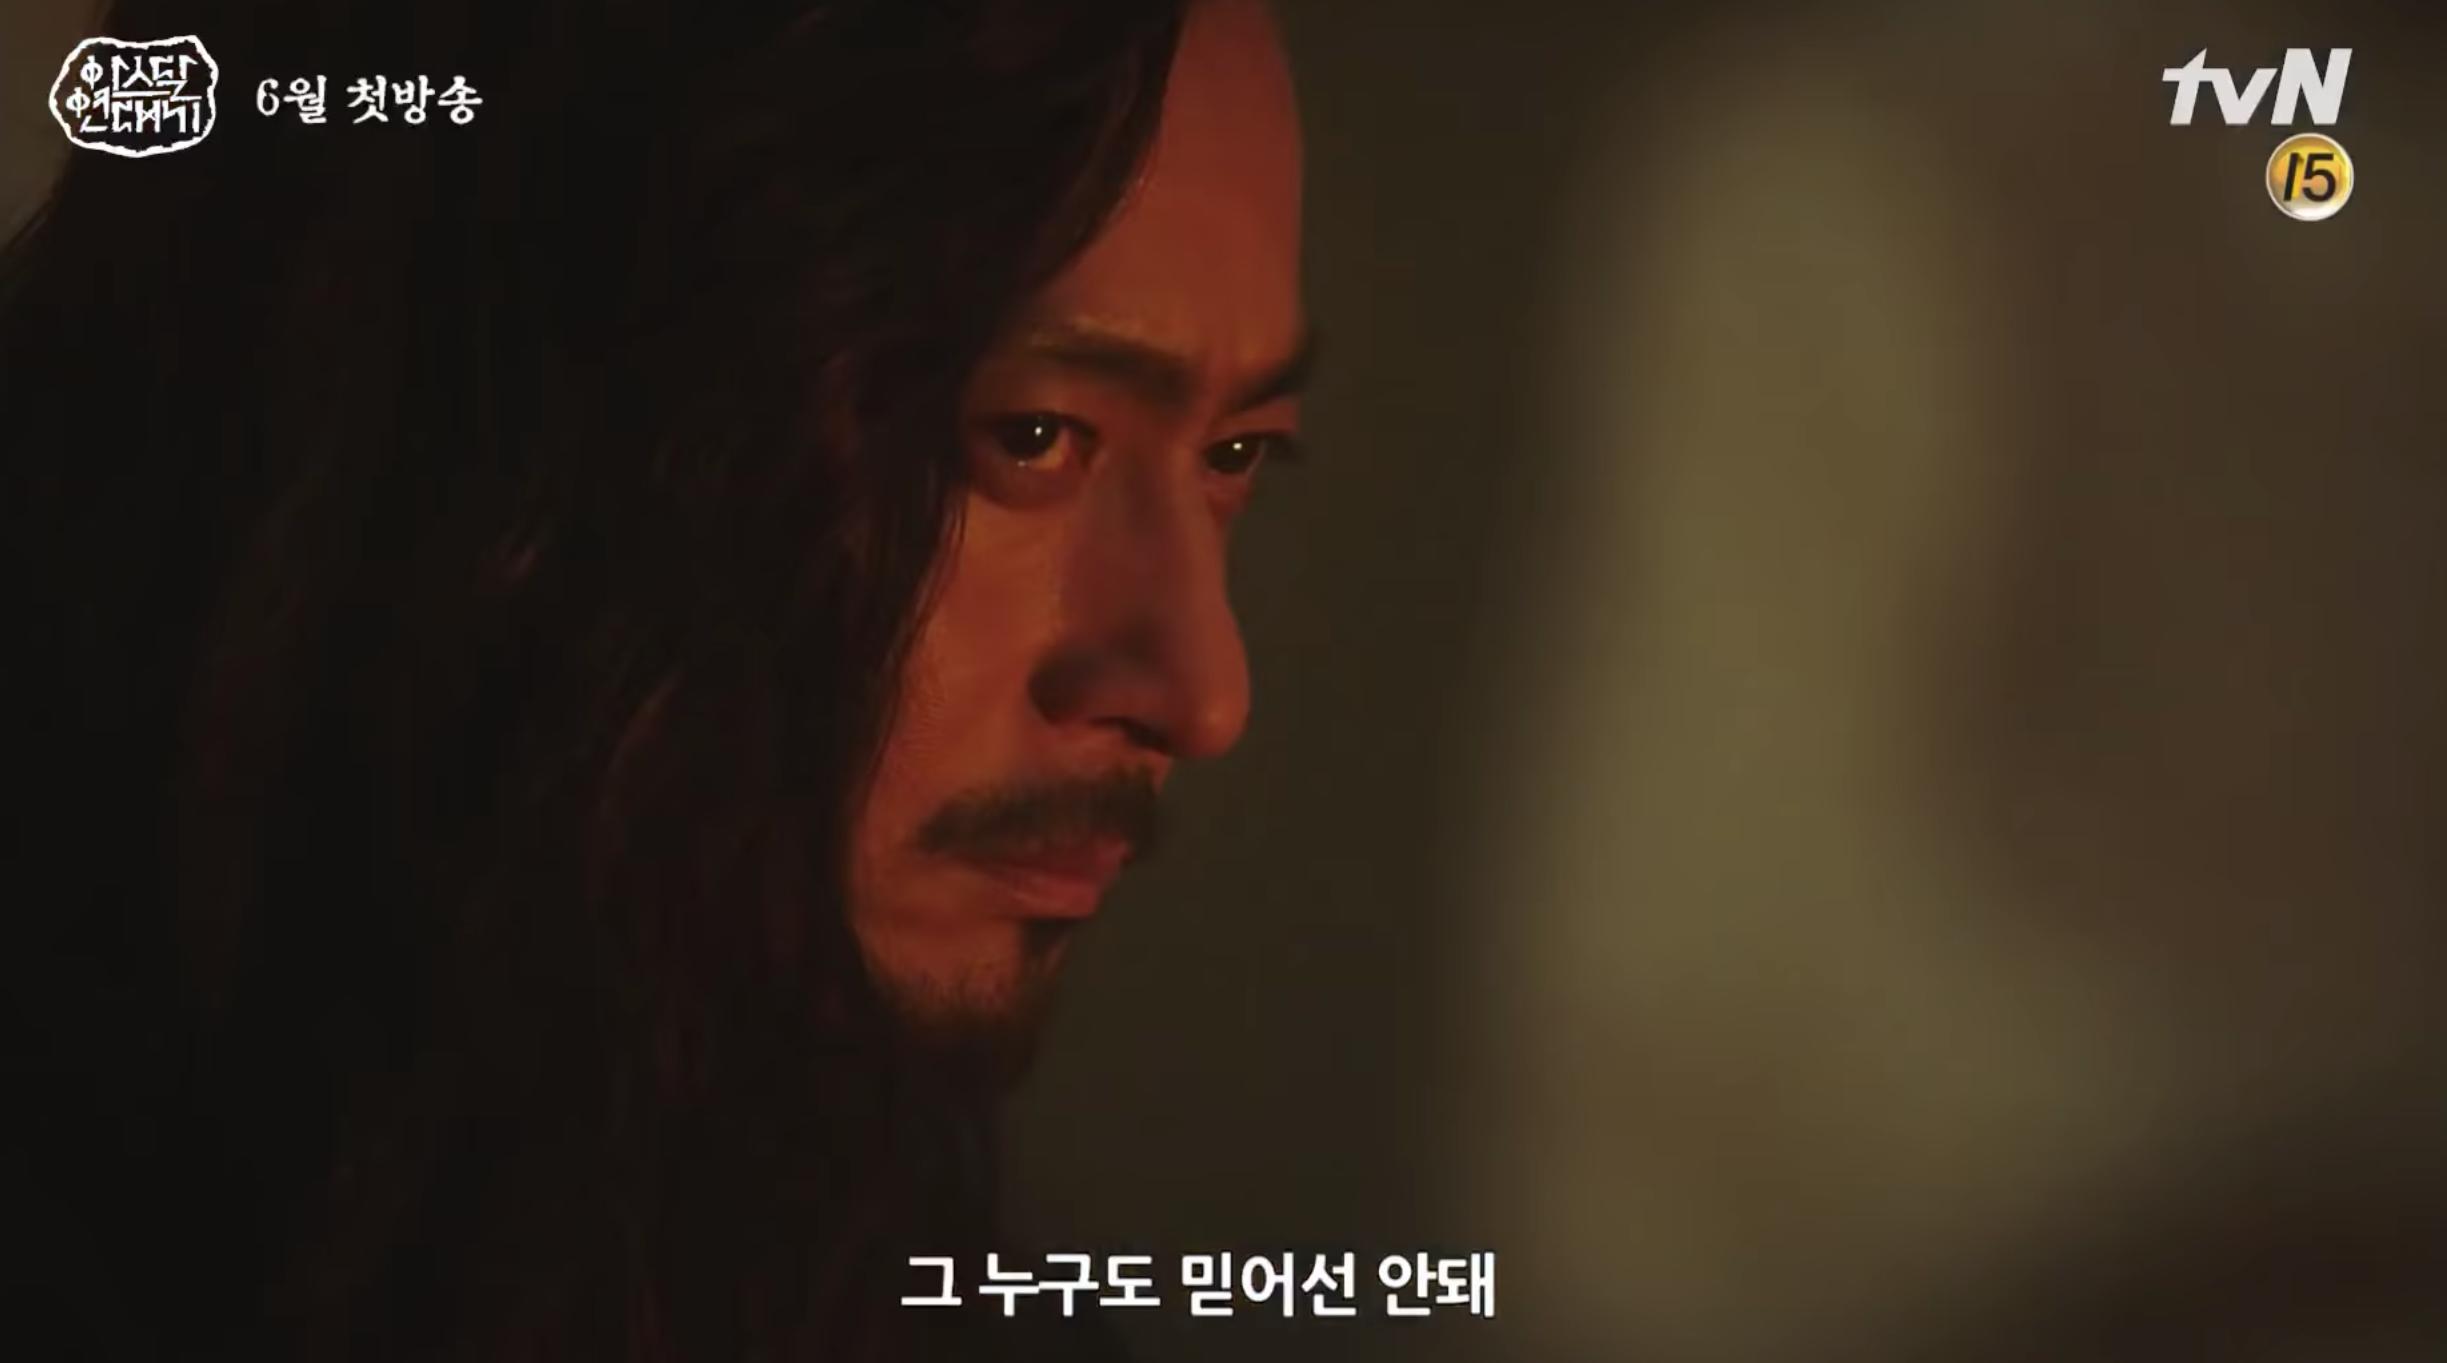 With Casts Song Joongki, Kim Jiwon and More Upcoming Drama